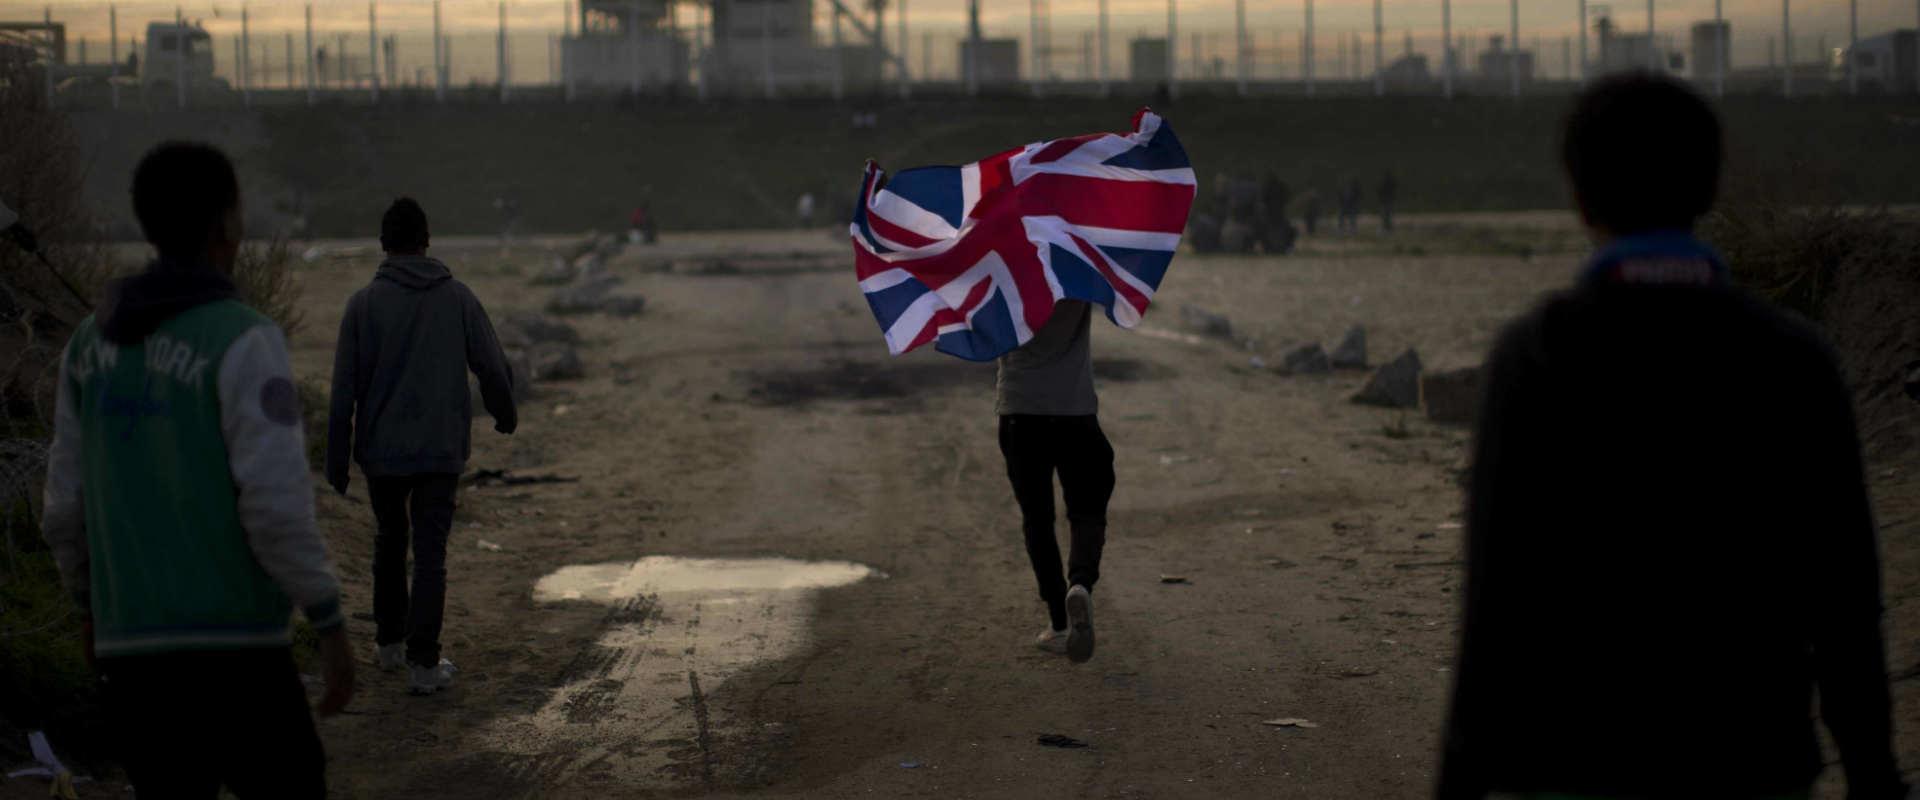 מבקש מקלט מניף דגל בריטניה במחנה פליטים בקאלה, צרפ